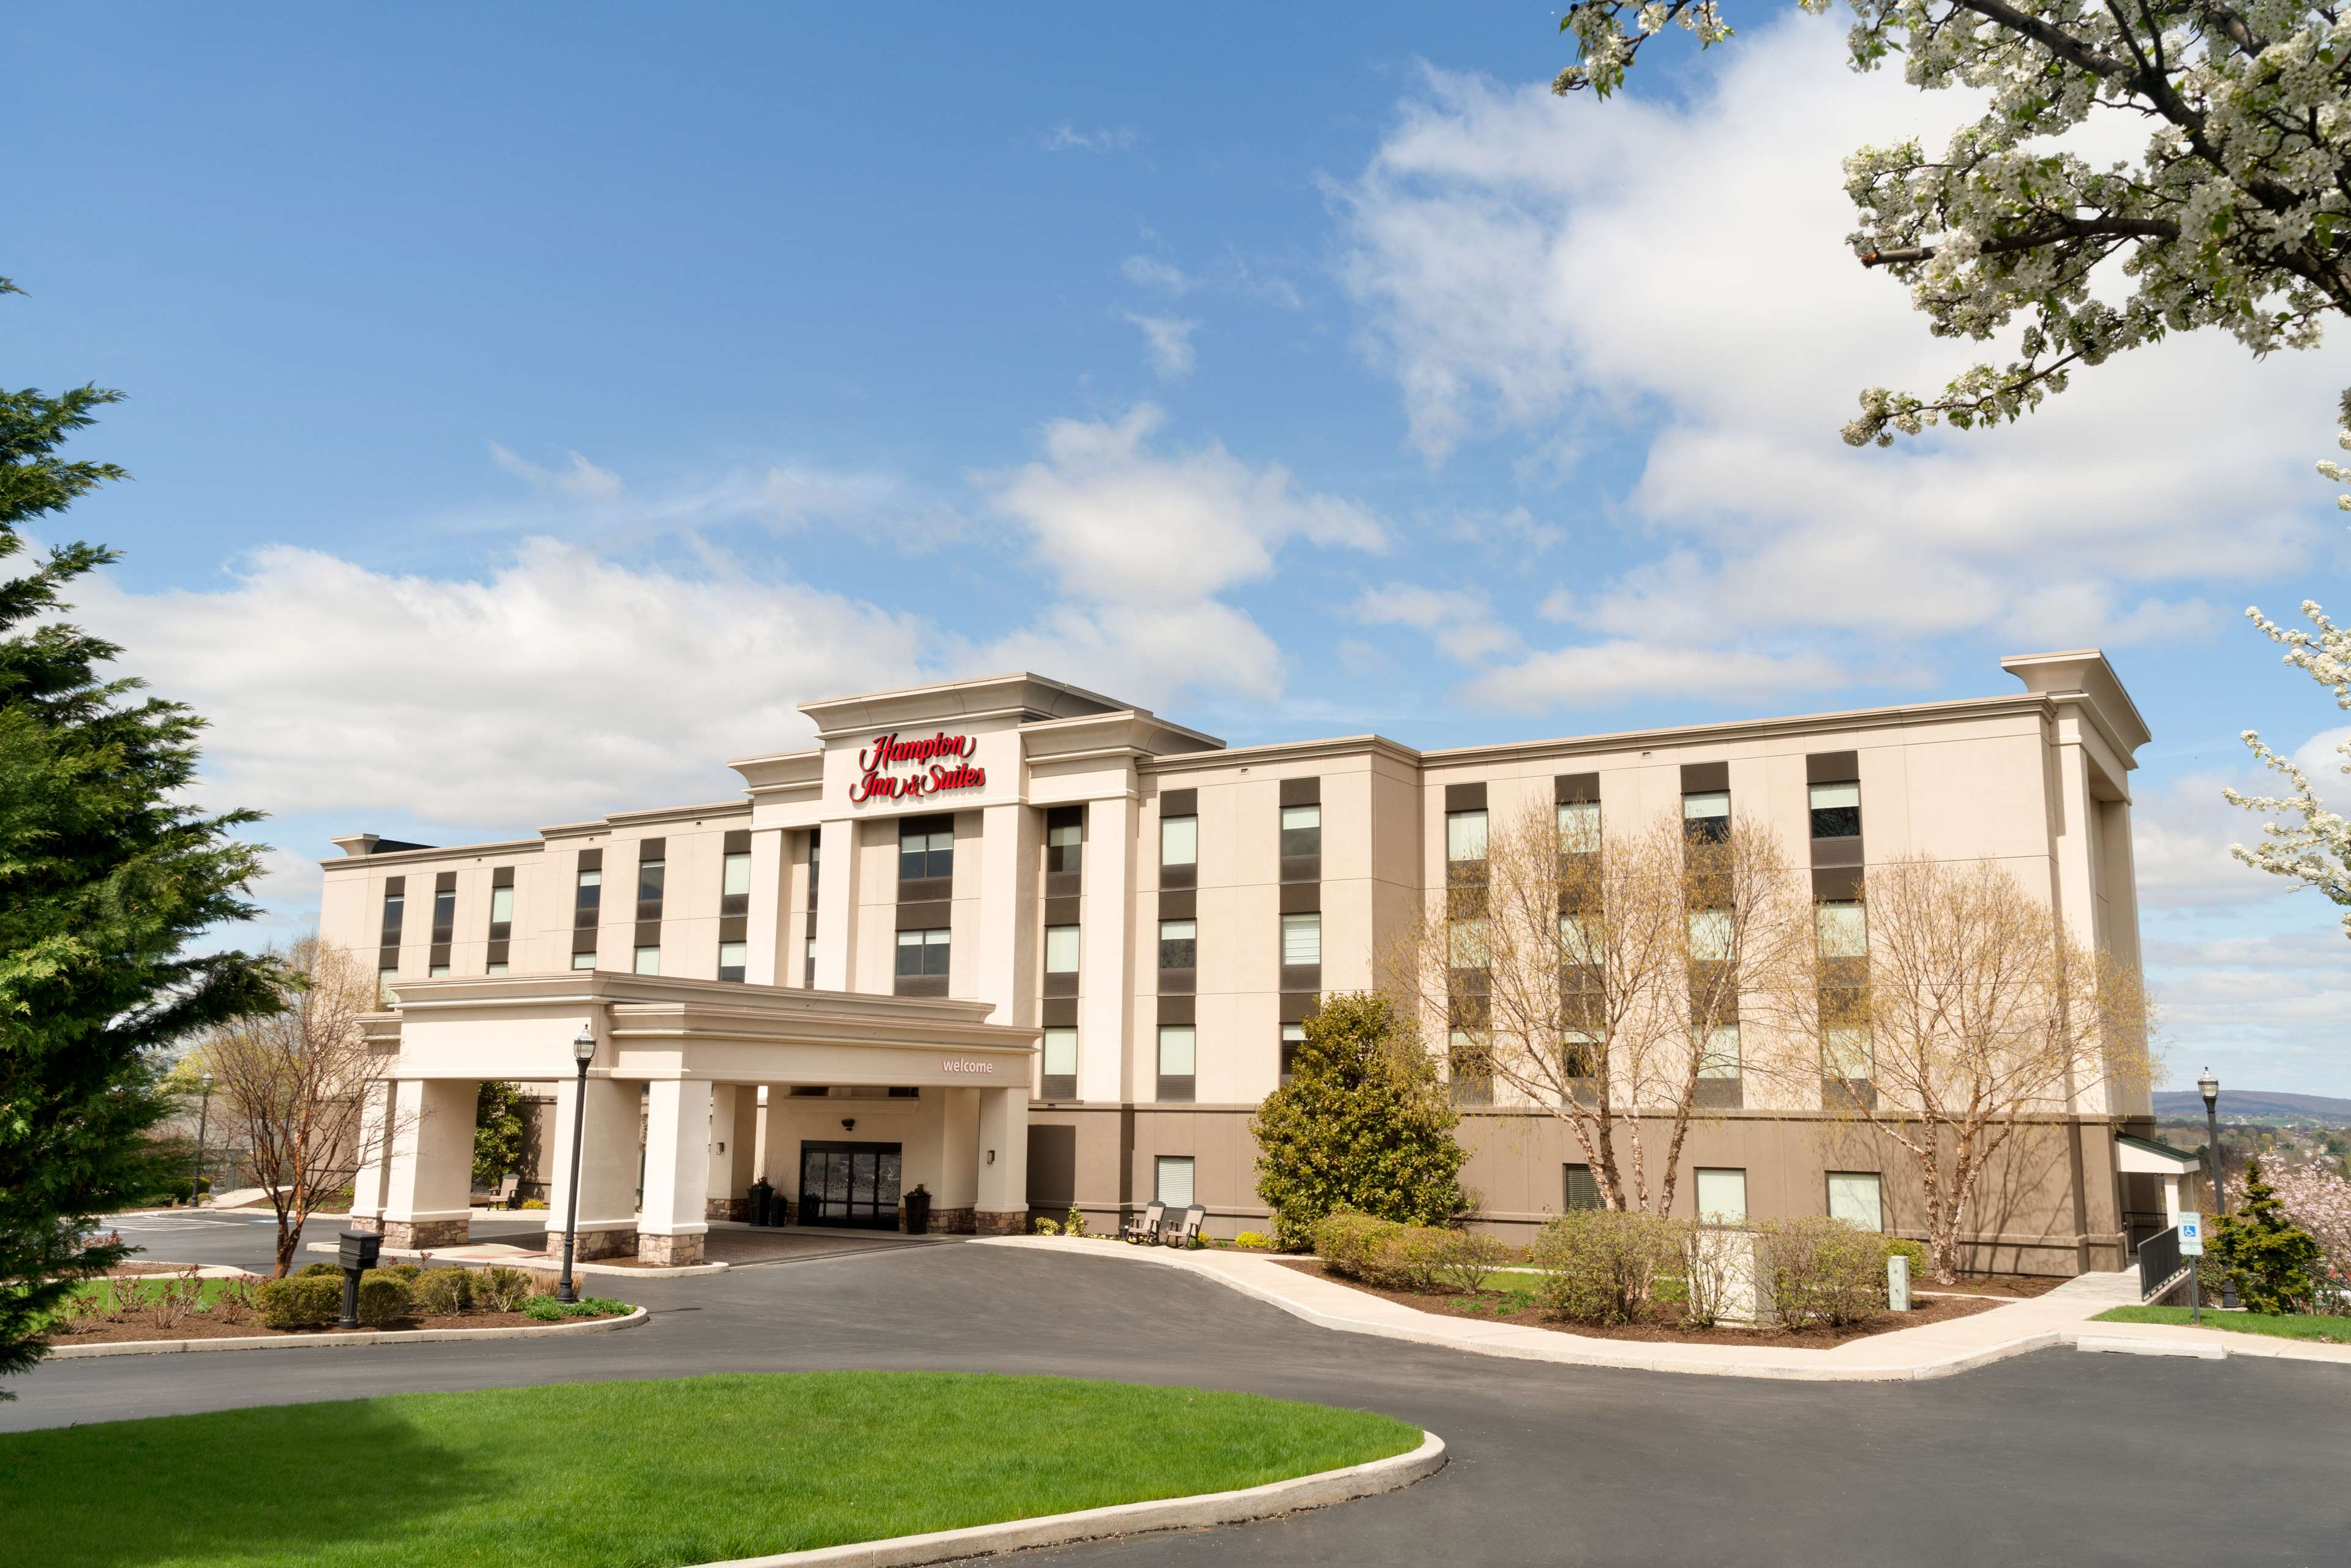 Hampton Inn & Suites Ephrata - Mountain Springs image 0